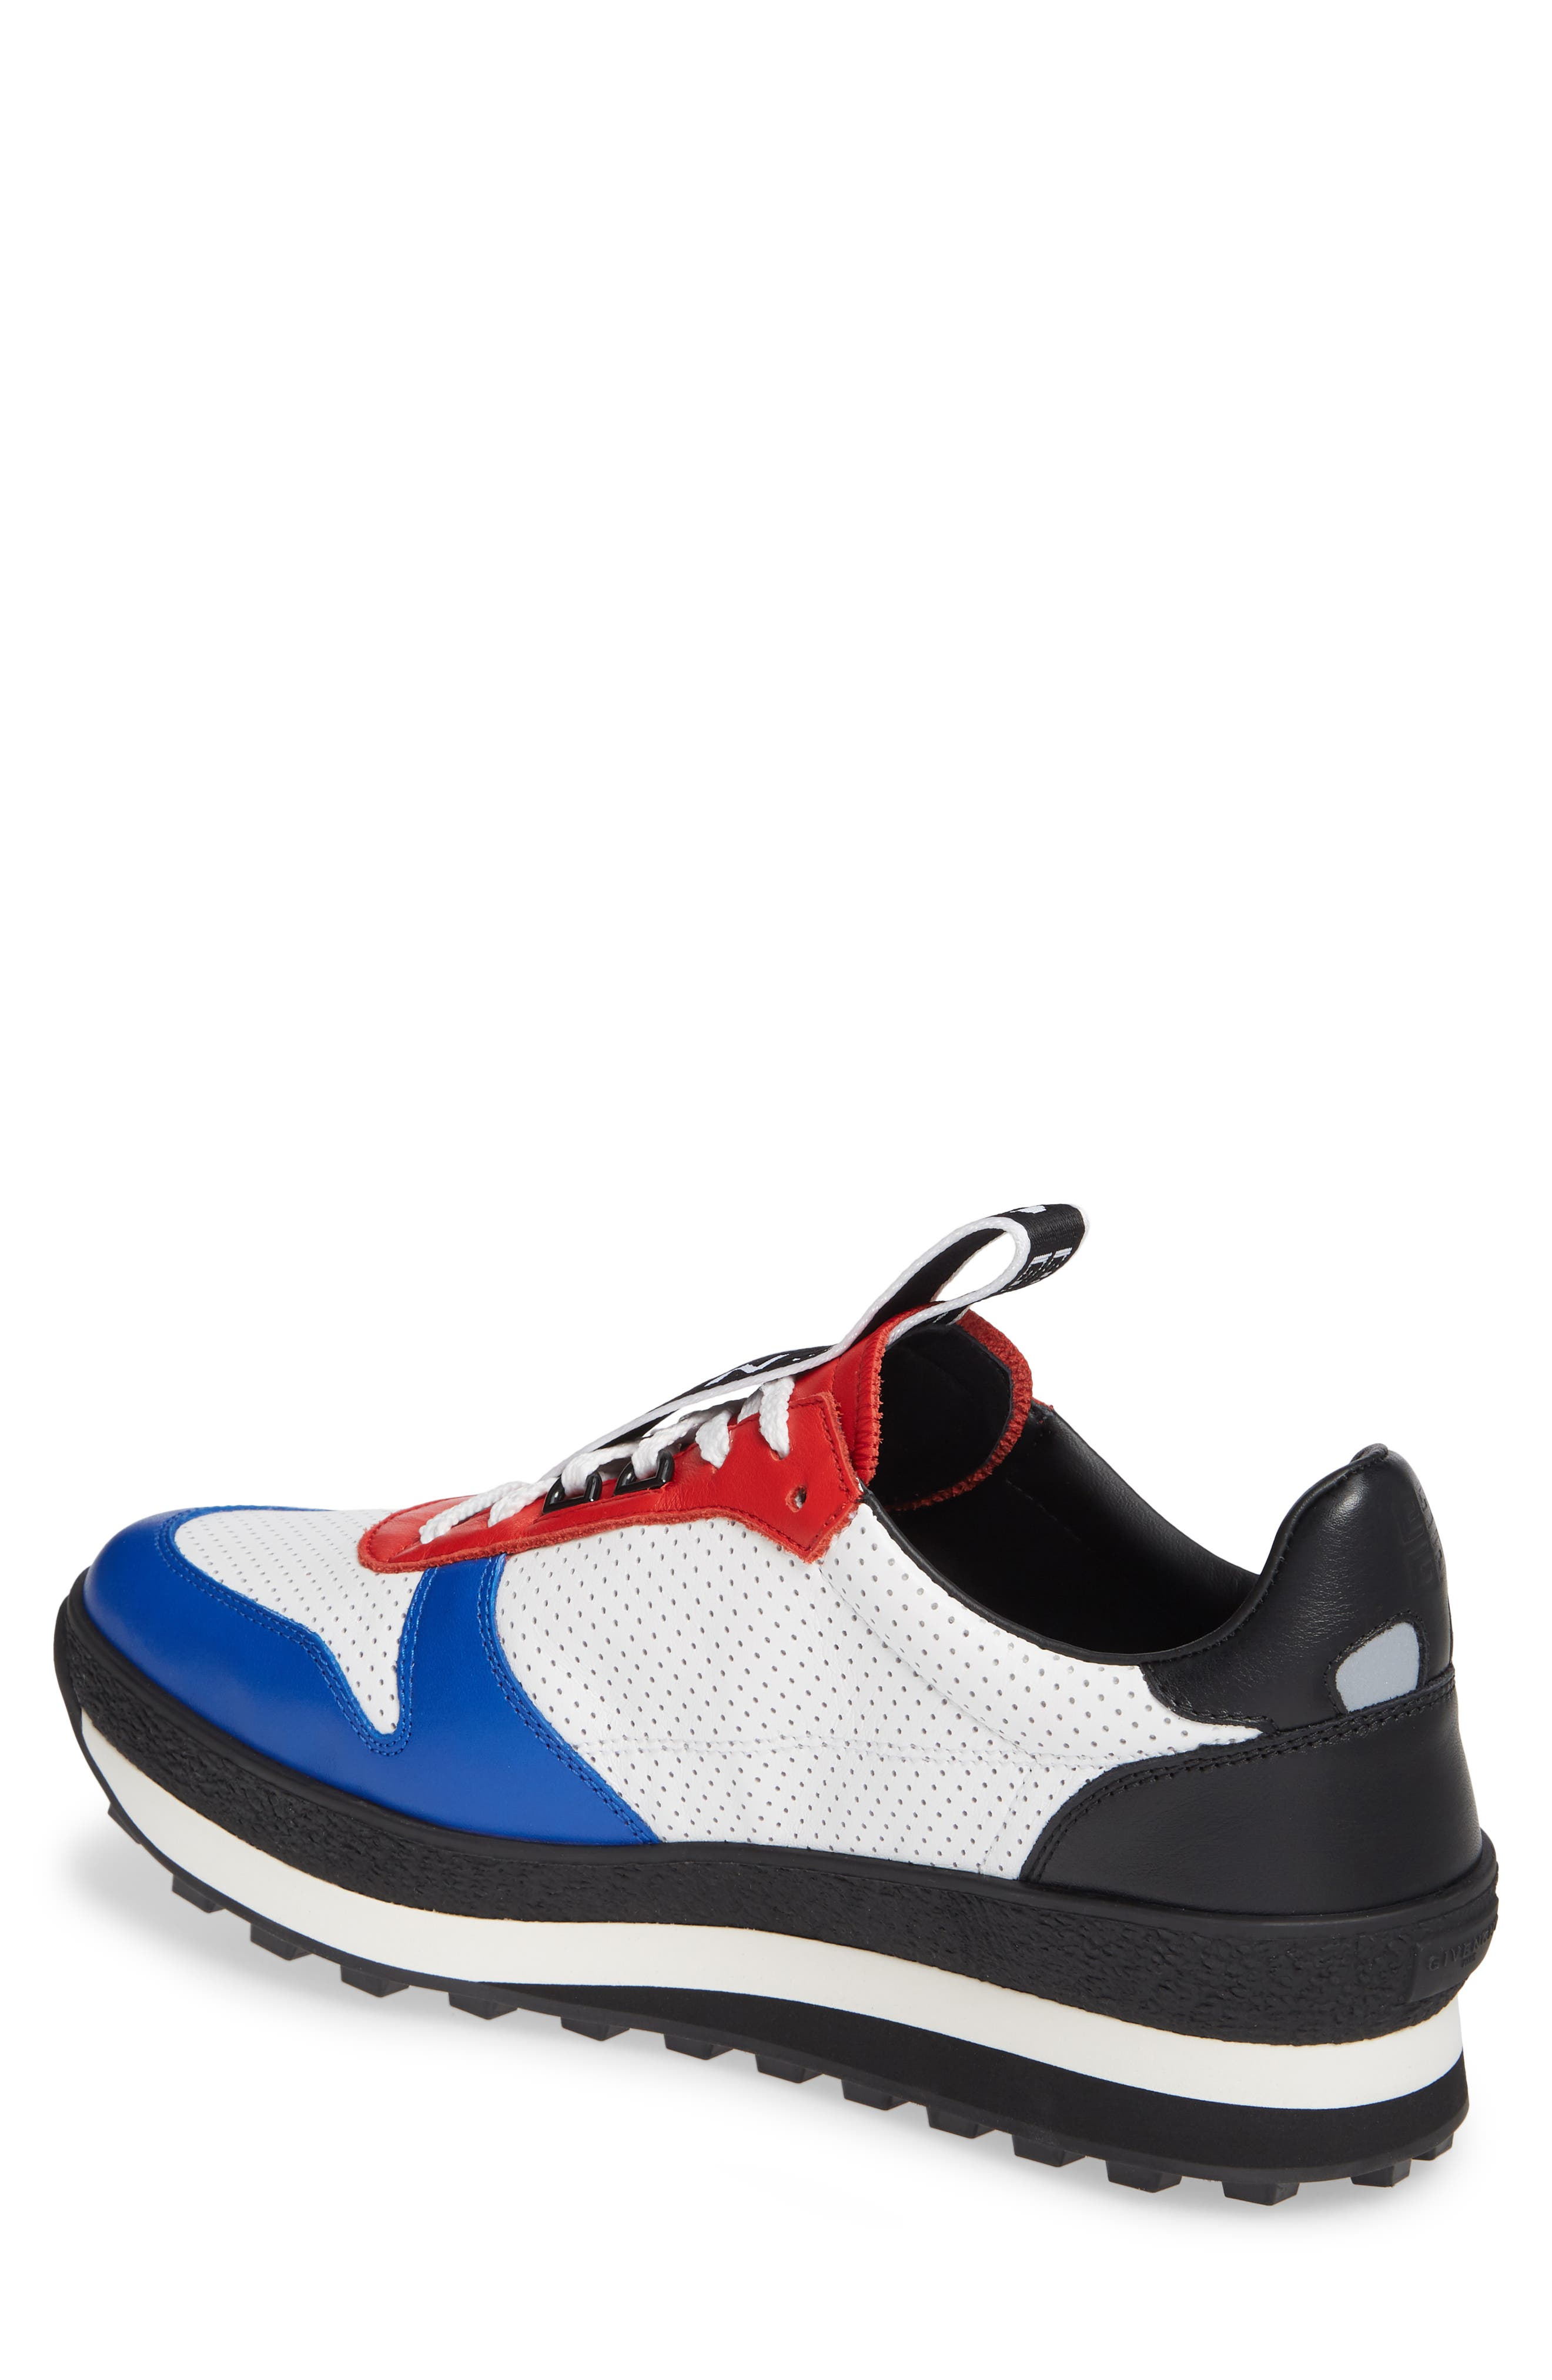 TR3 Low Runner Sneaker,                             Alternate thumbnail 2, color,                             WHITE/ RED/ BLACK